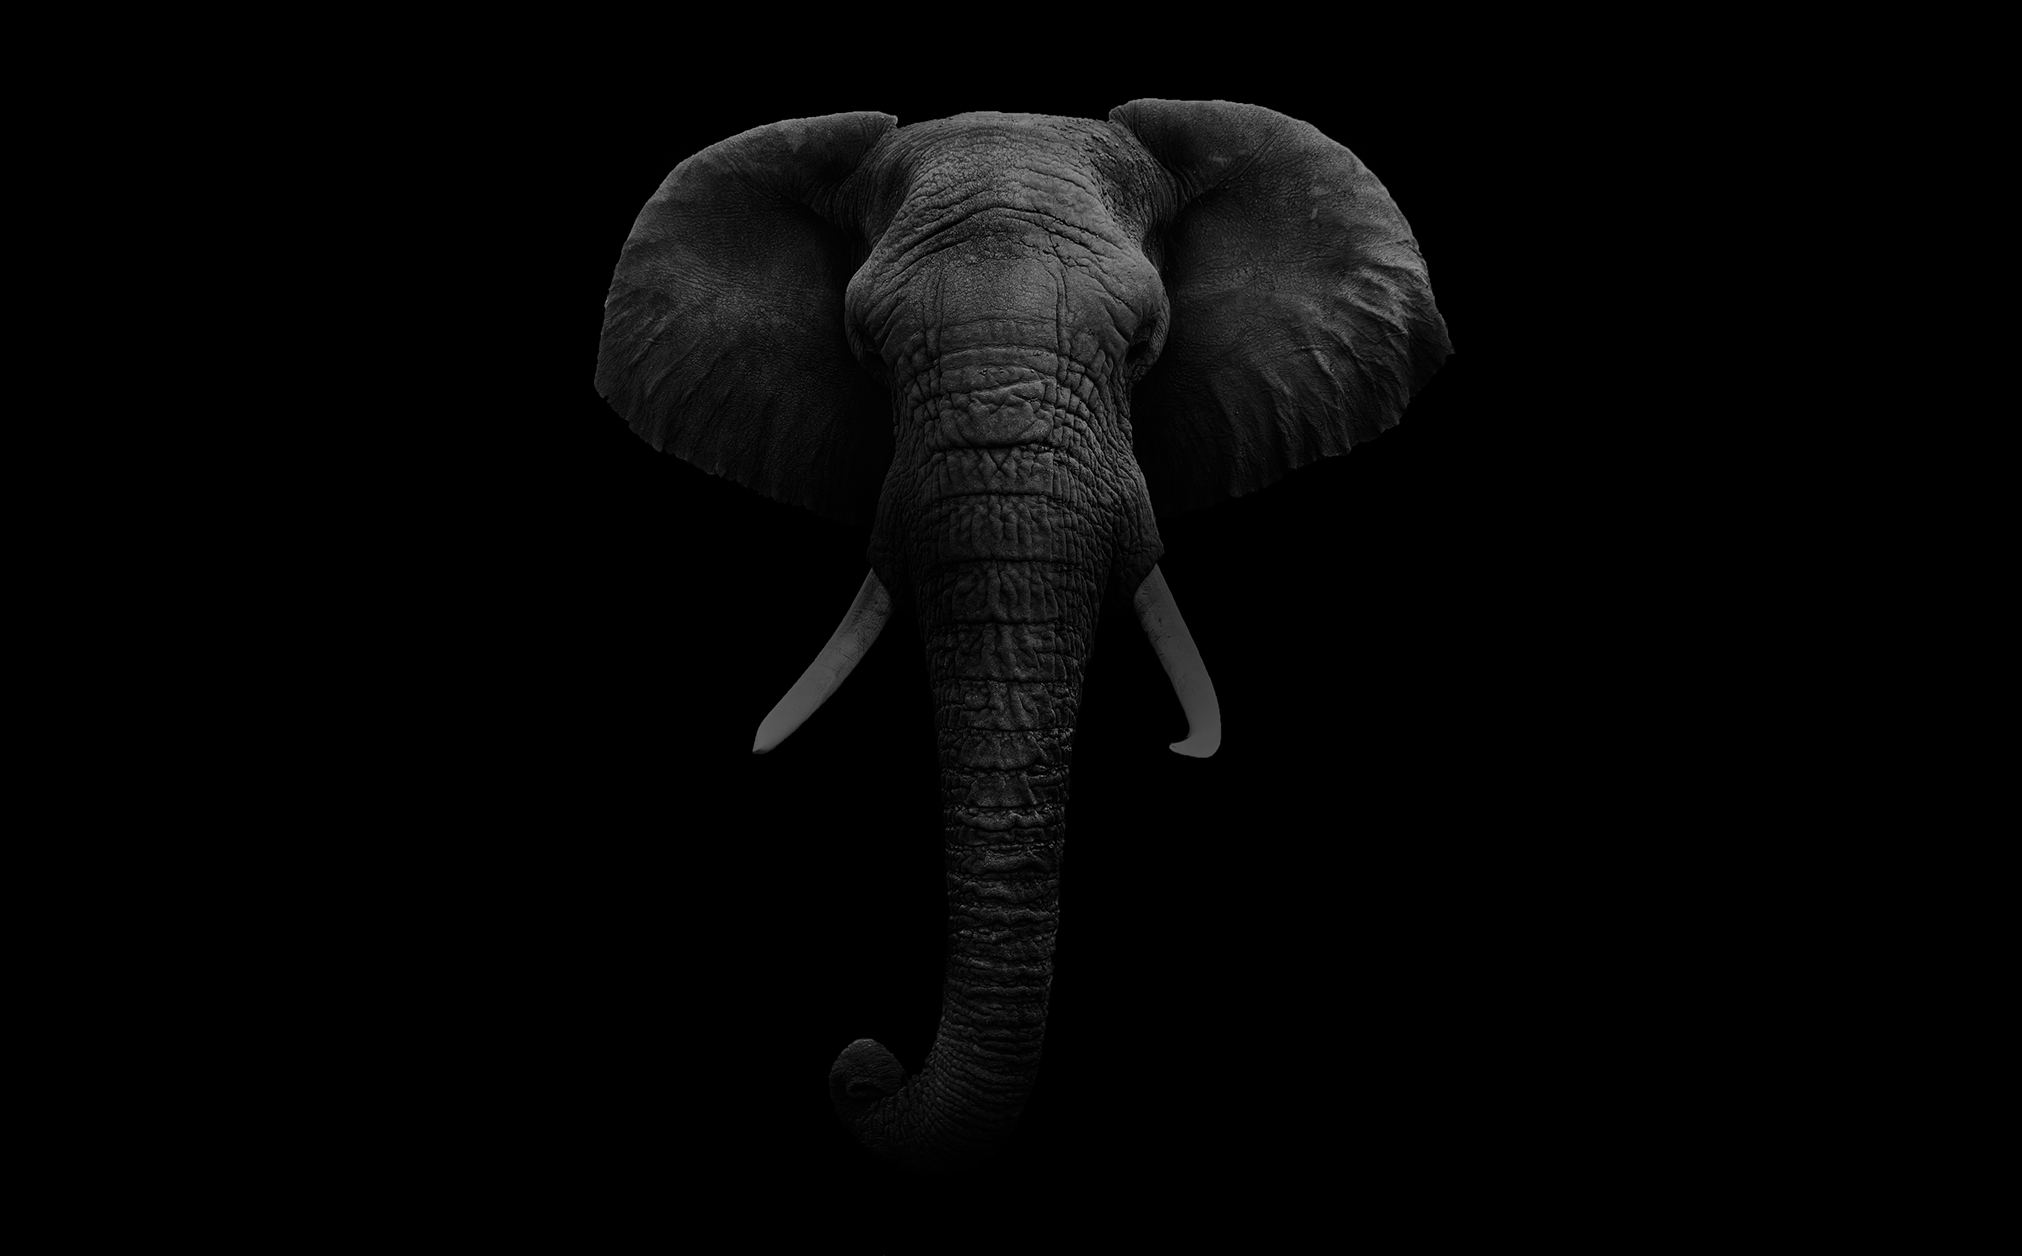 bg_elephant